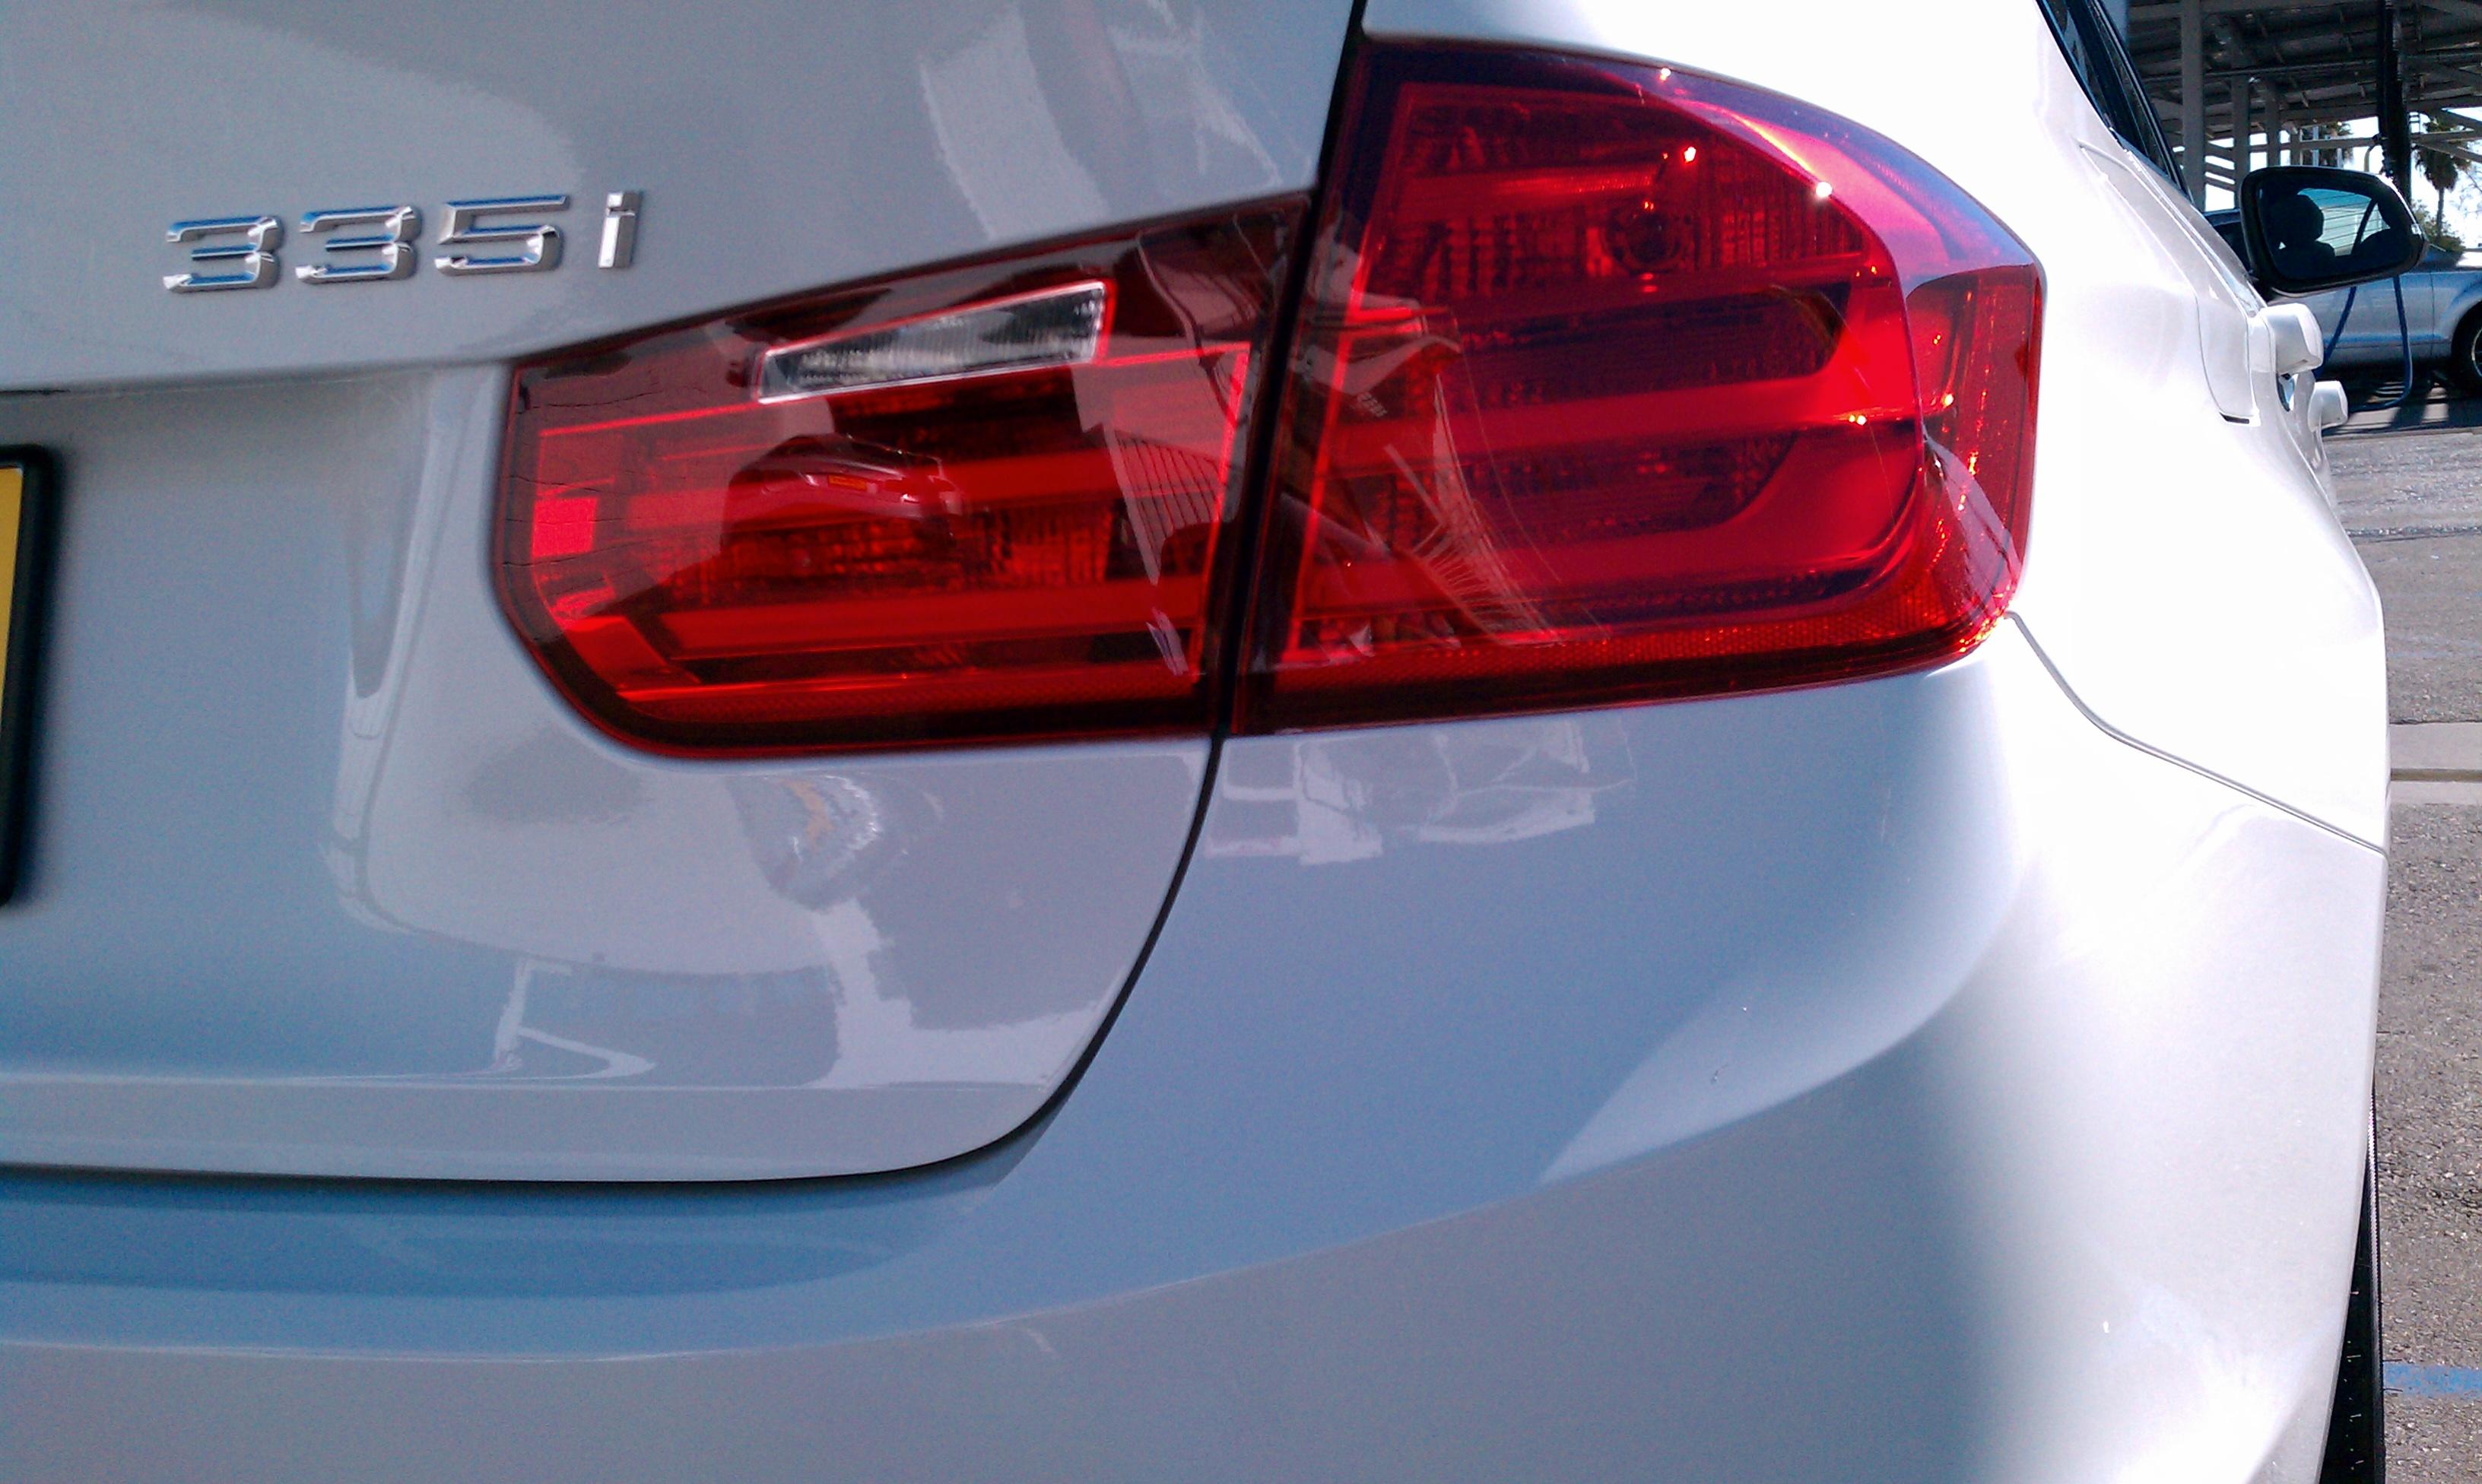 BMW 335i rear view